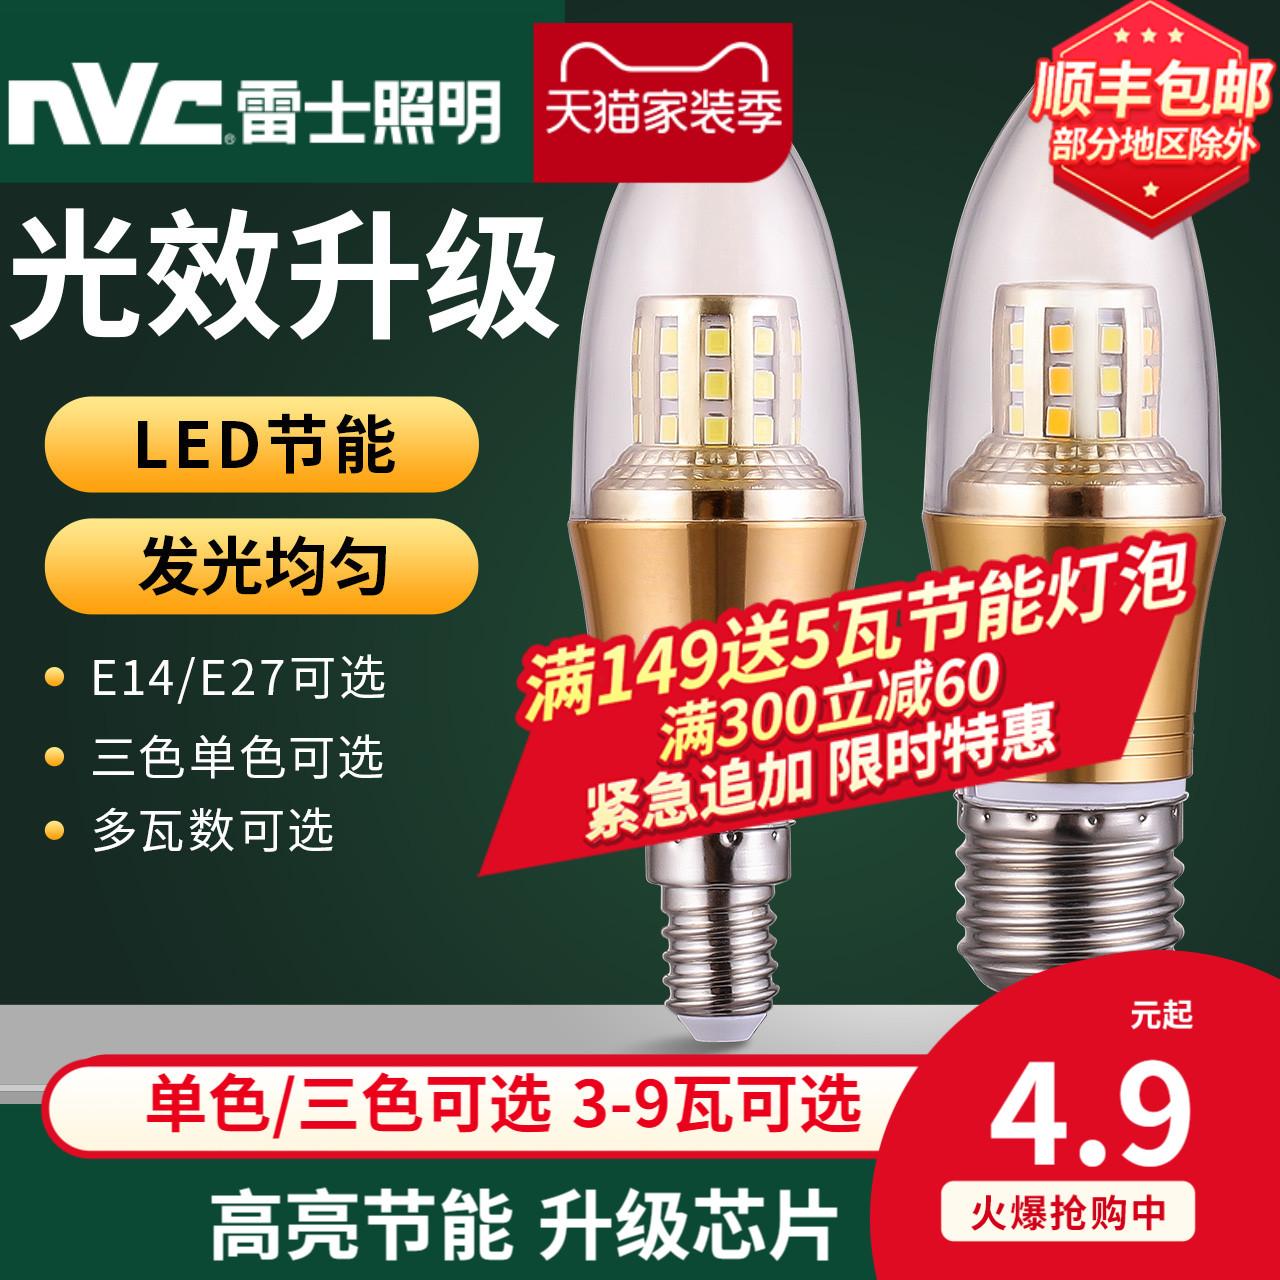 雷士照明e27e14螺口LED灯泡吊灯白光光源家用超亮节能蜡烛灯尖泡